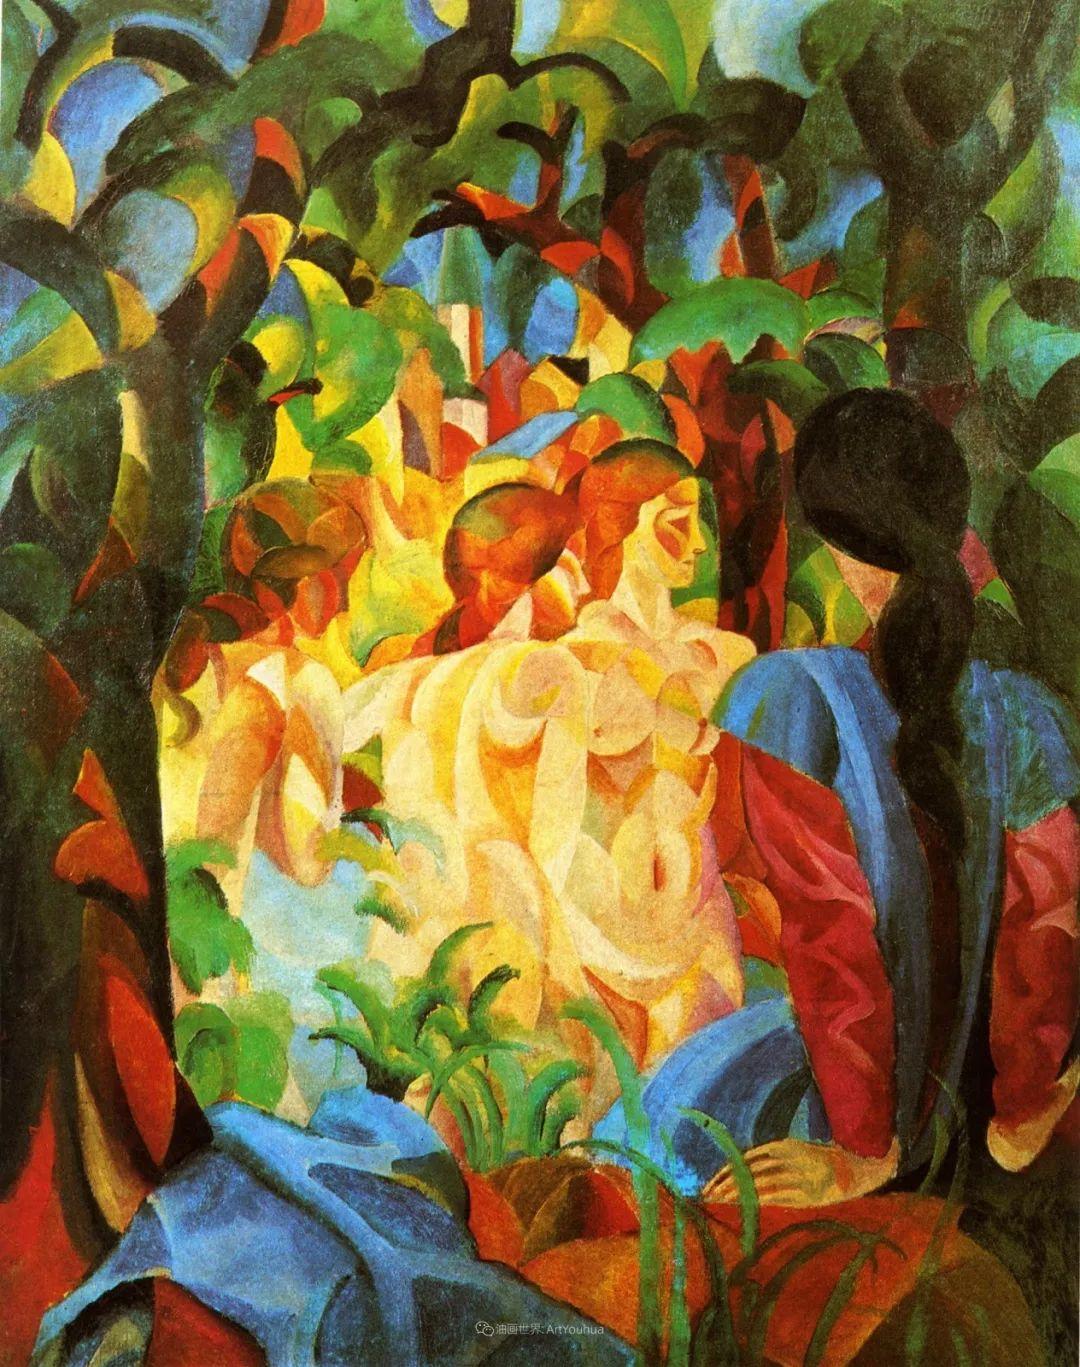 画面色彩的力量,德国表现主义画家奥古斯特·马克插图11